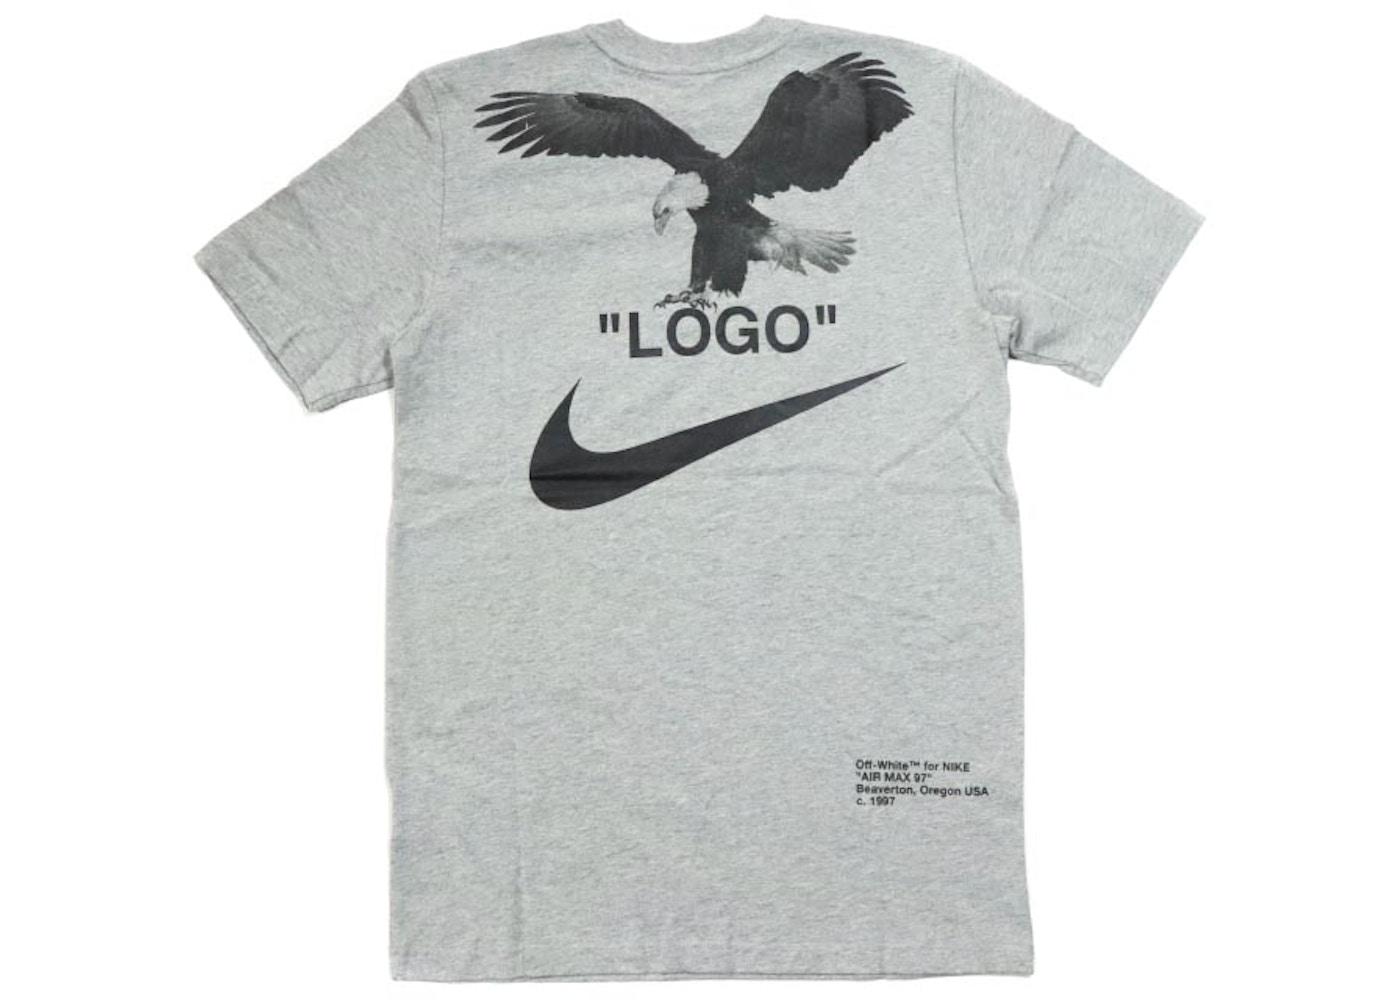 24025de05cc7 Buy   Sell OFF-WHITE Streetwear